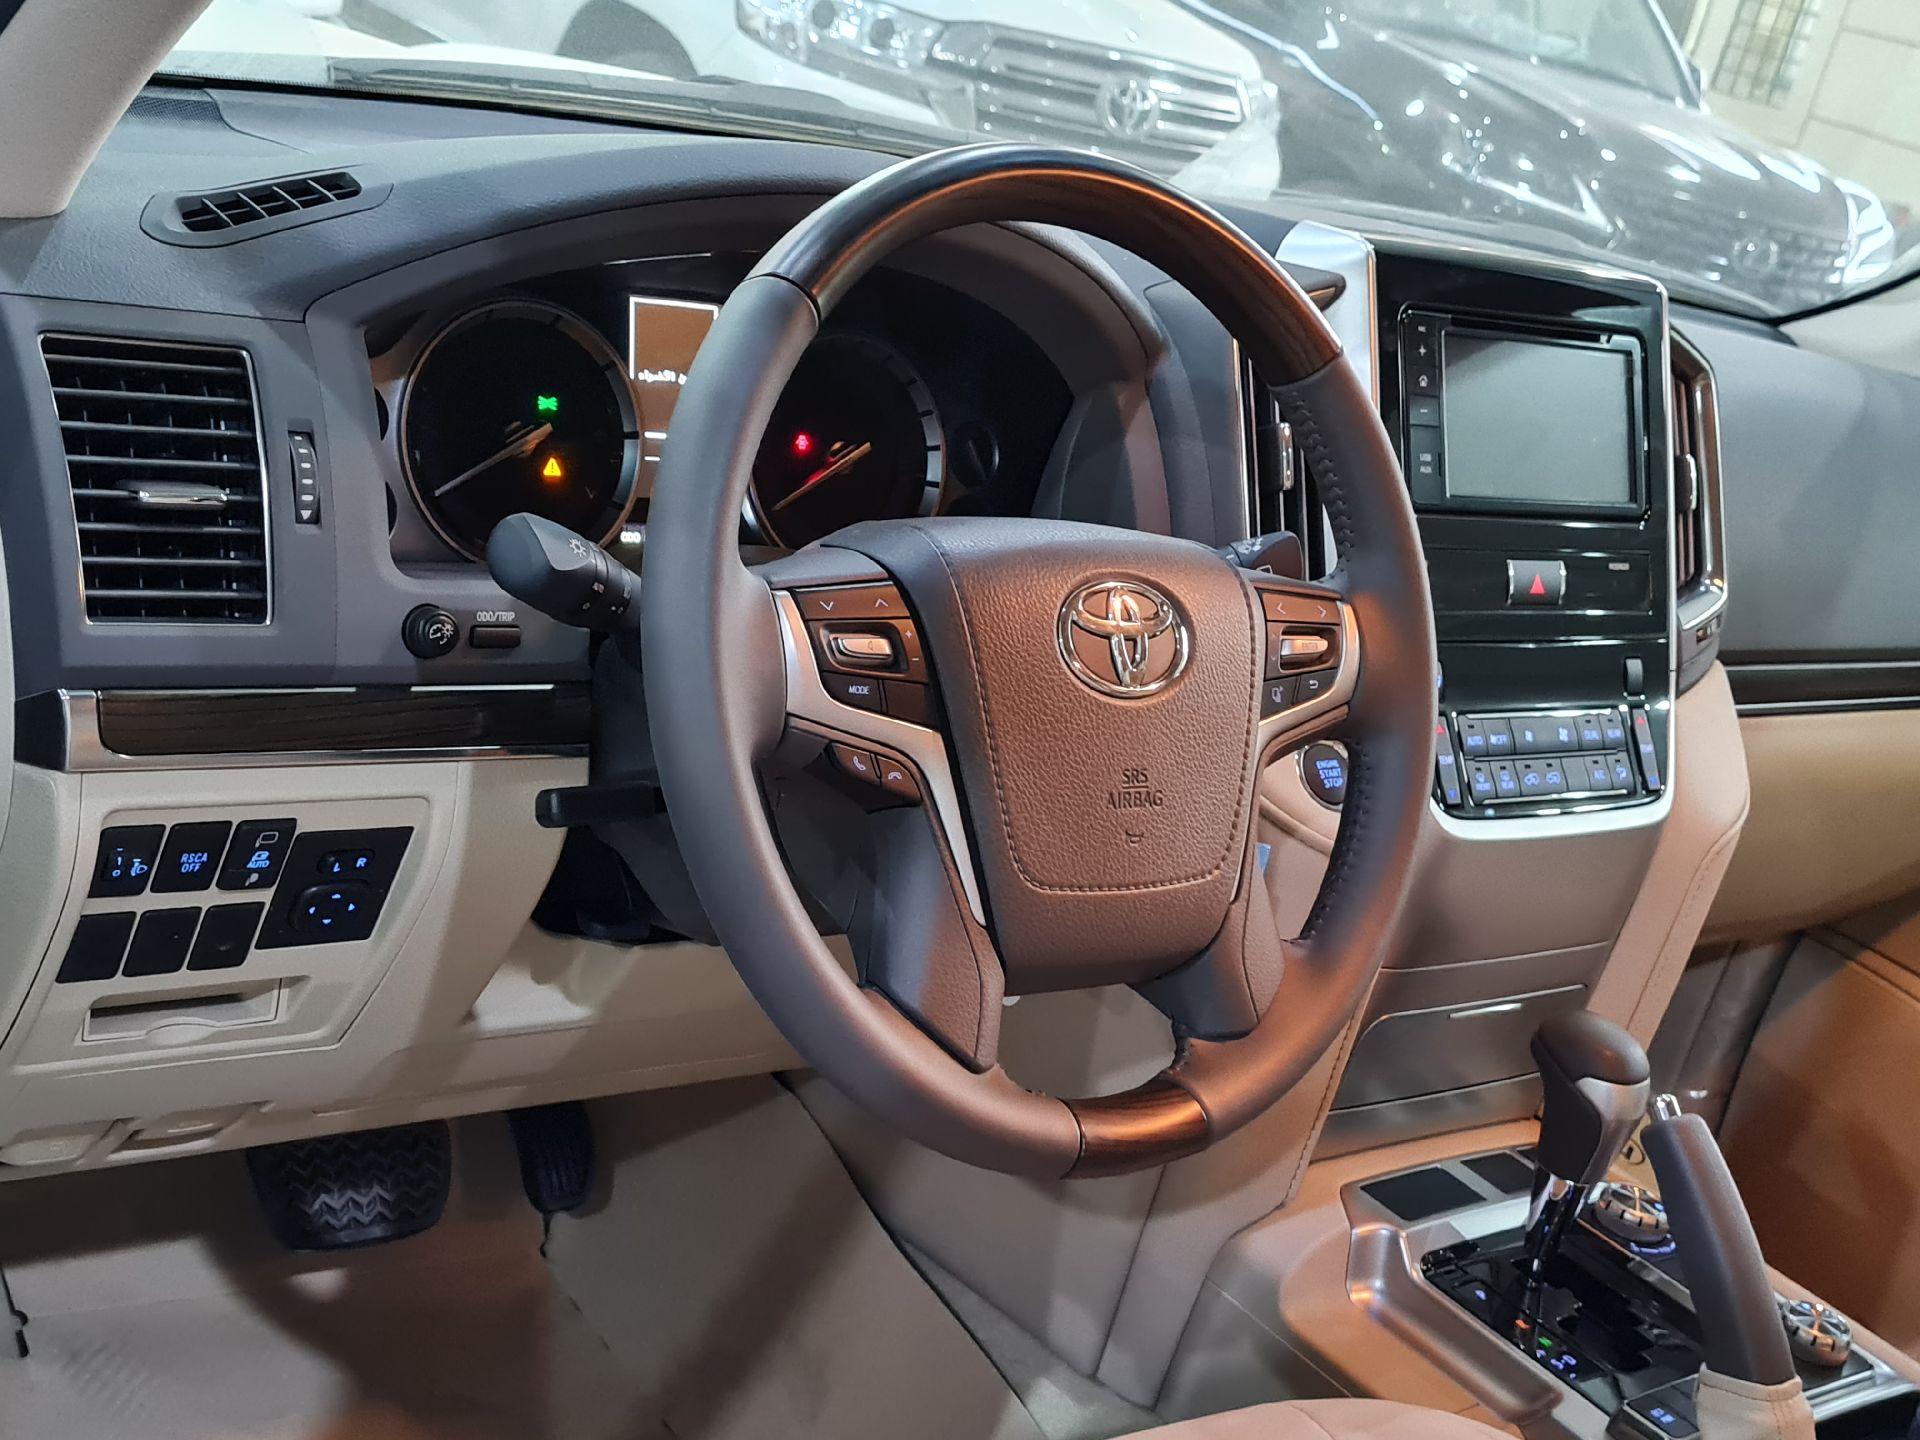 تويوتا لاندكروزر VXR1 2021 ستاندر خليجي للبيع في الرياض - السعودية - صورة كبيرة - 7